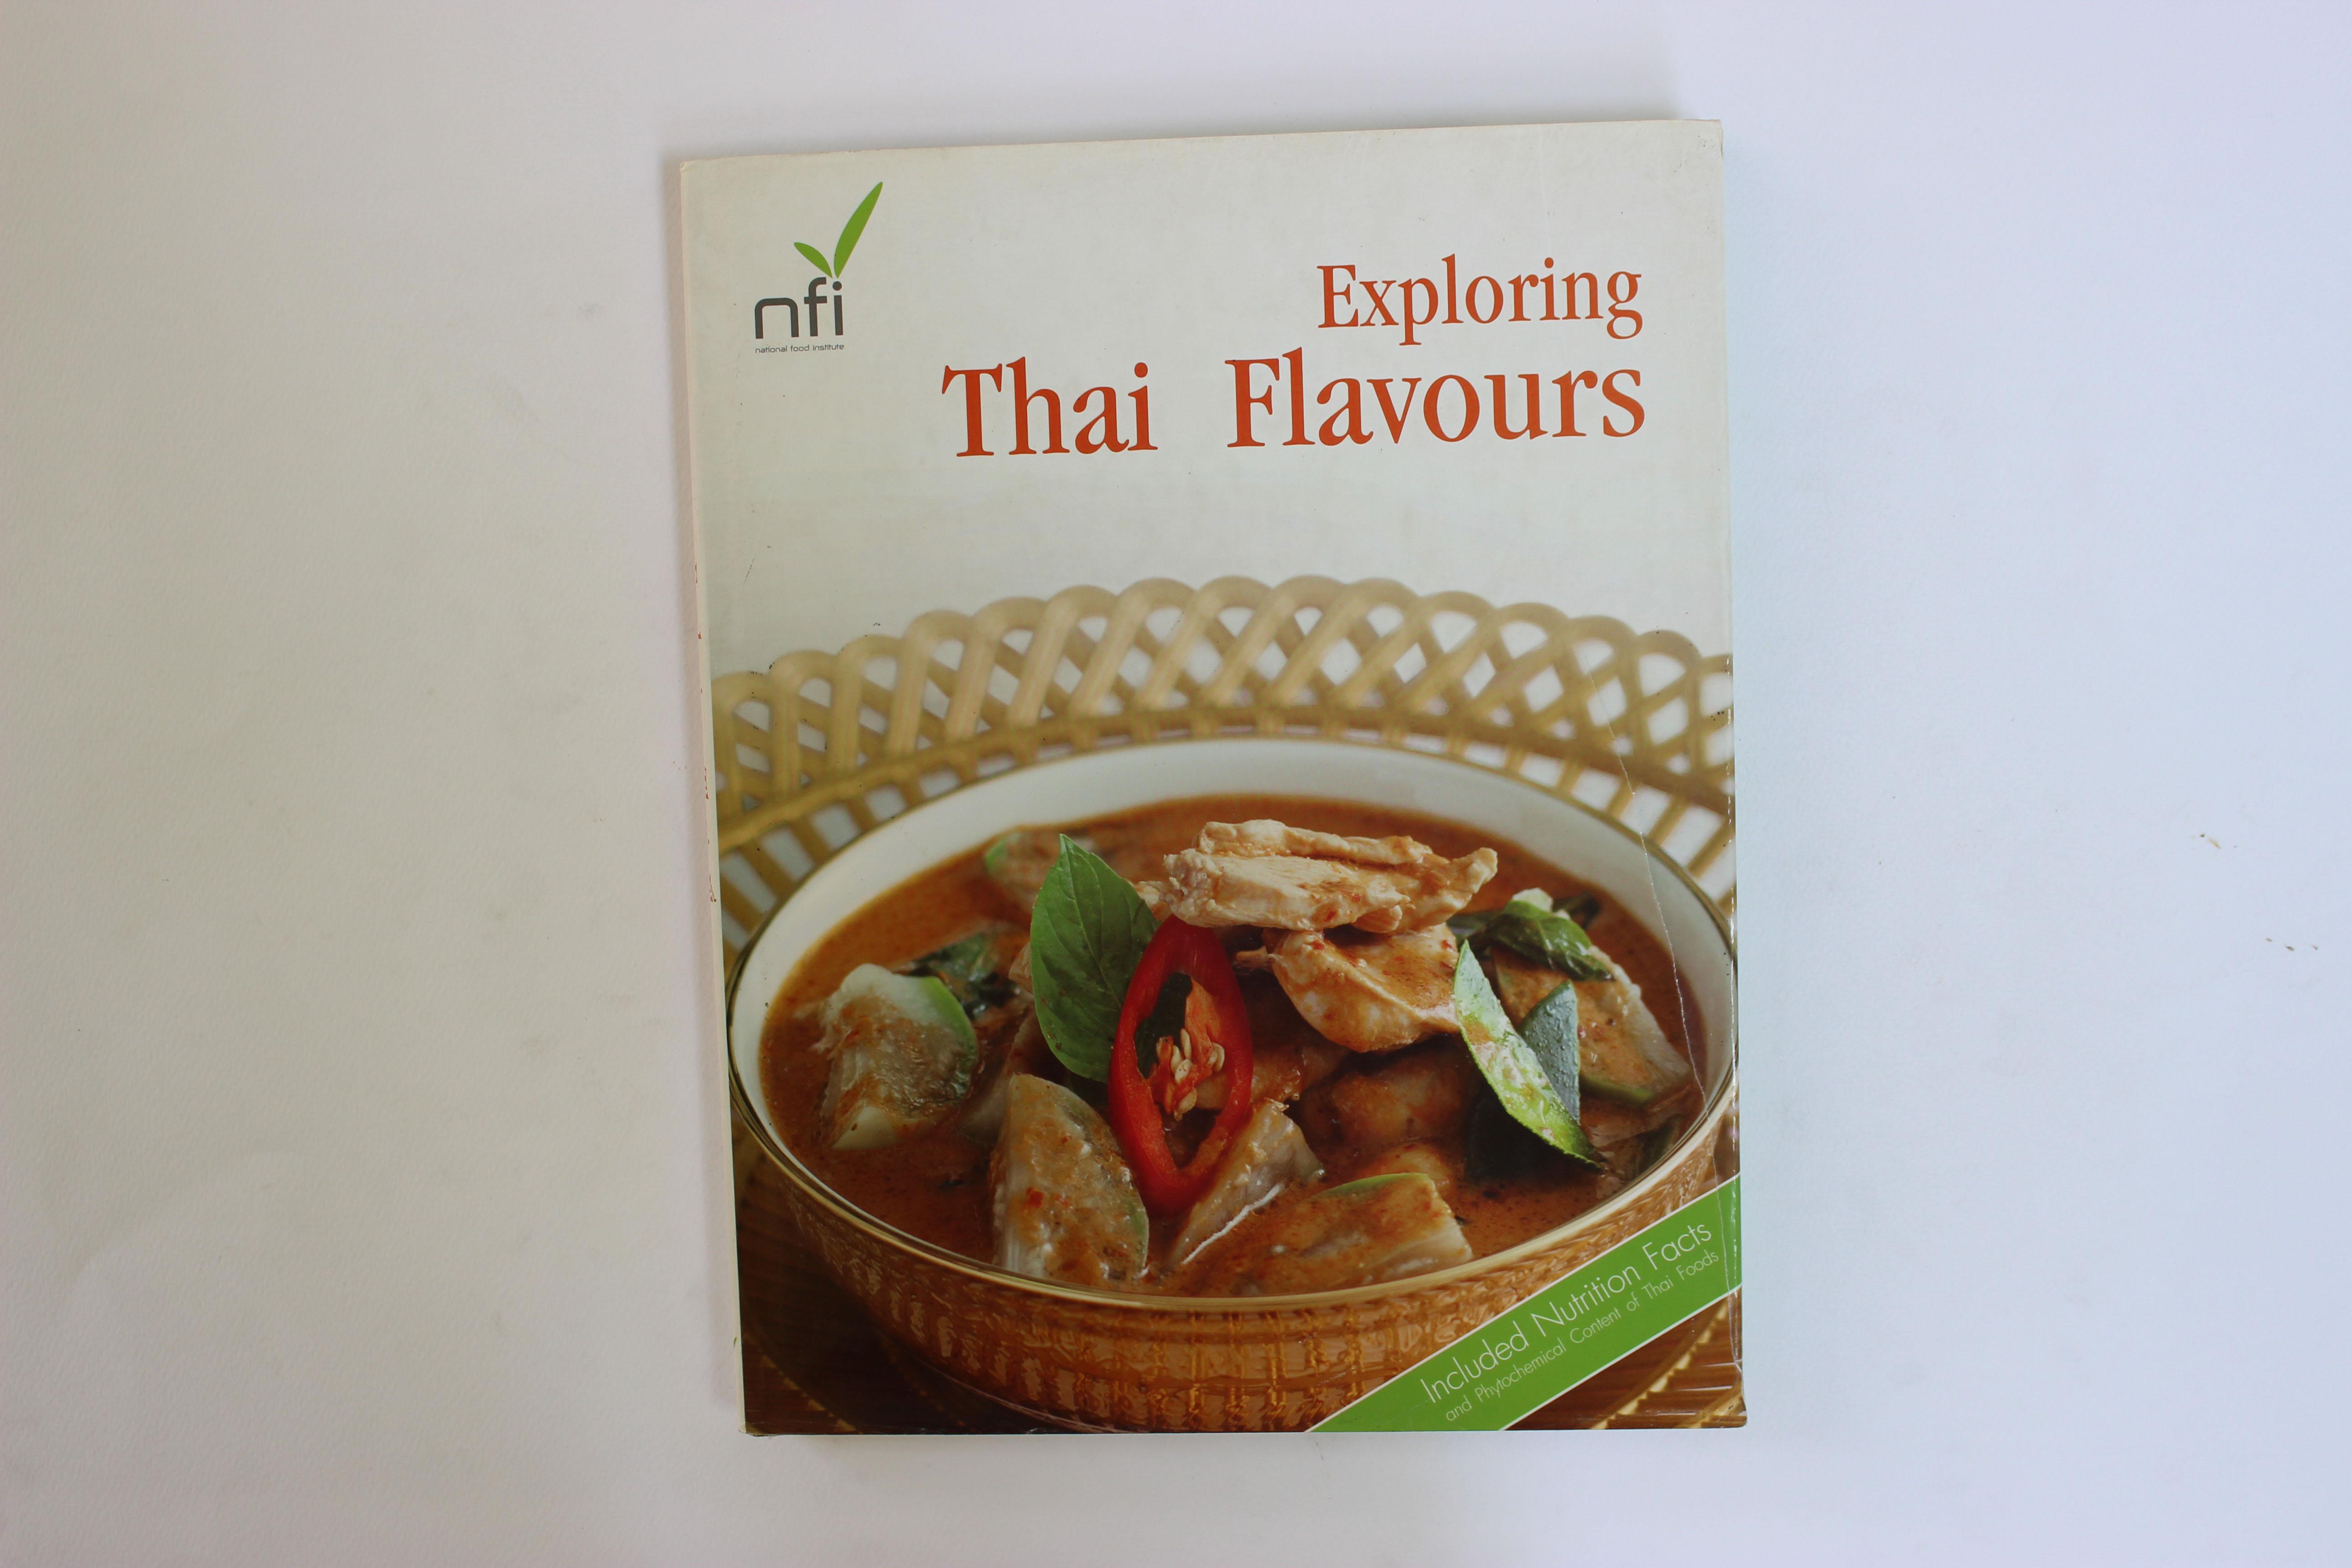 อาหารไทย...จากอดีตสู่ปัจจุบัน (Exploring Thai Flavours) ฉบับภาษาอังกฤษ